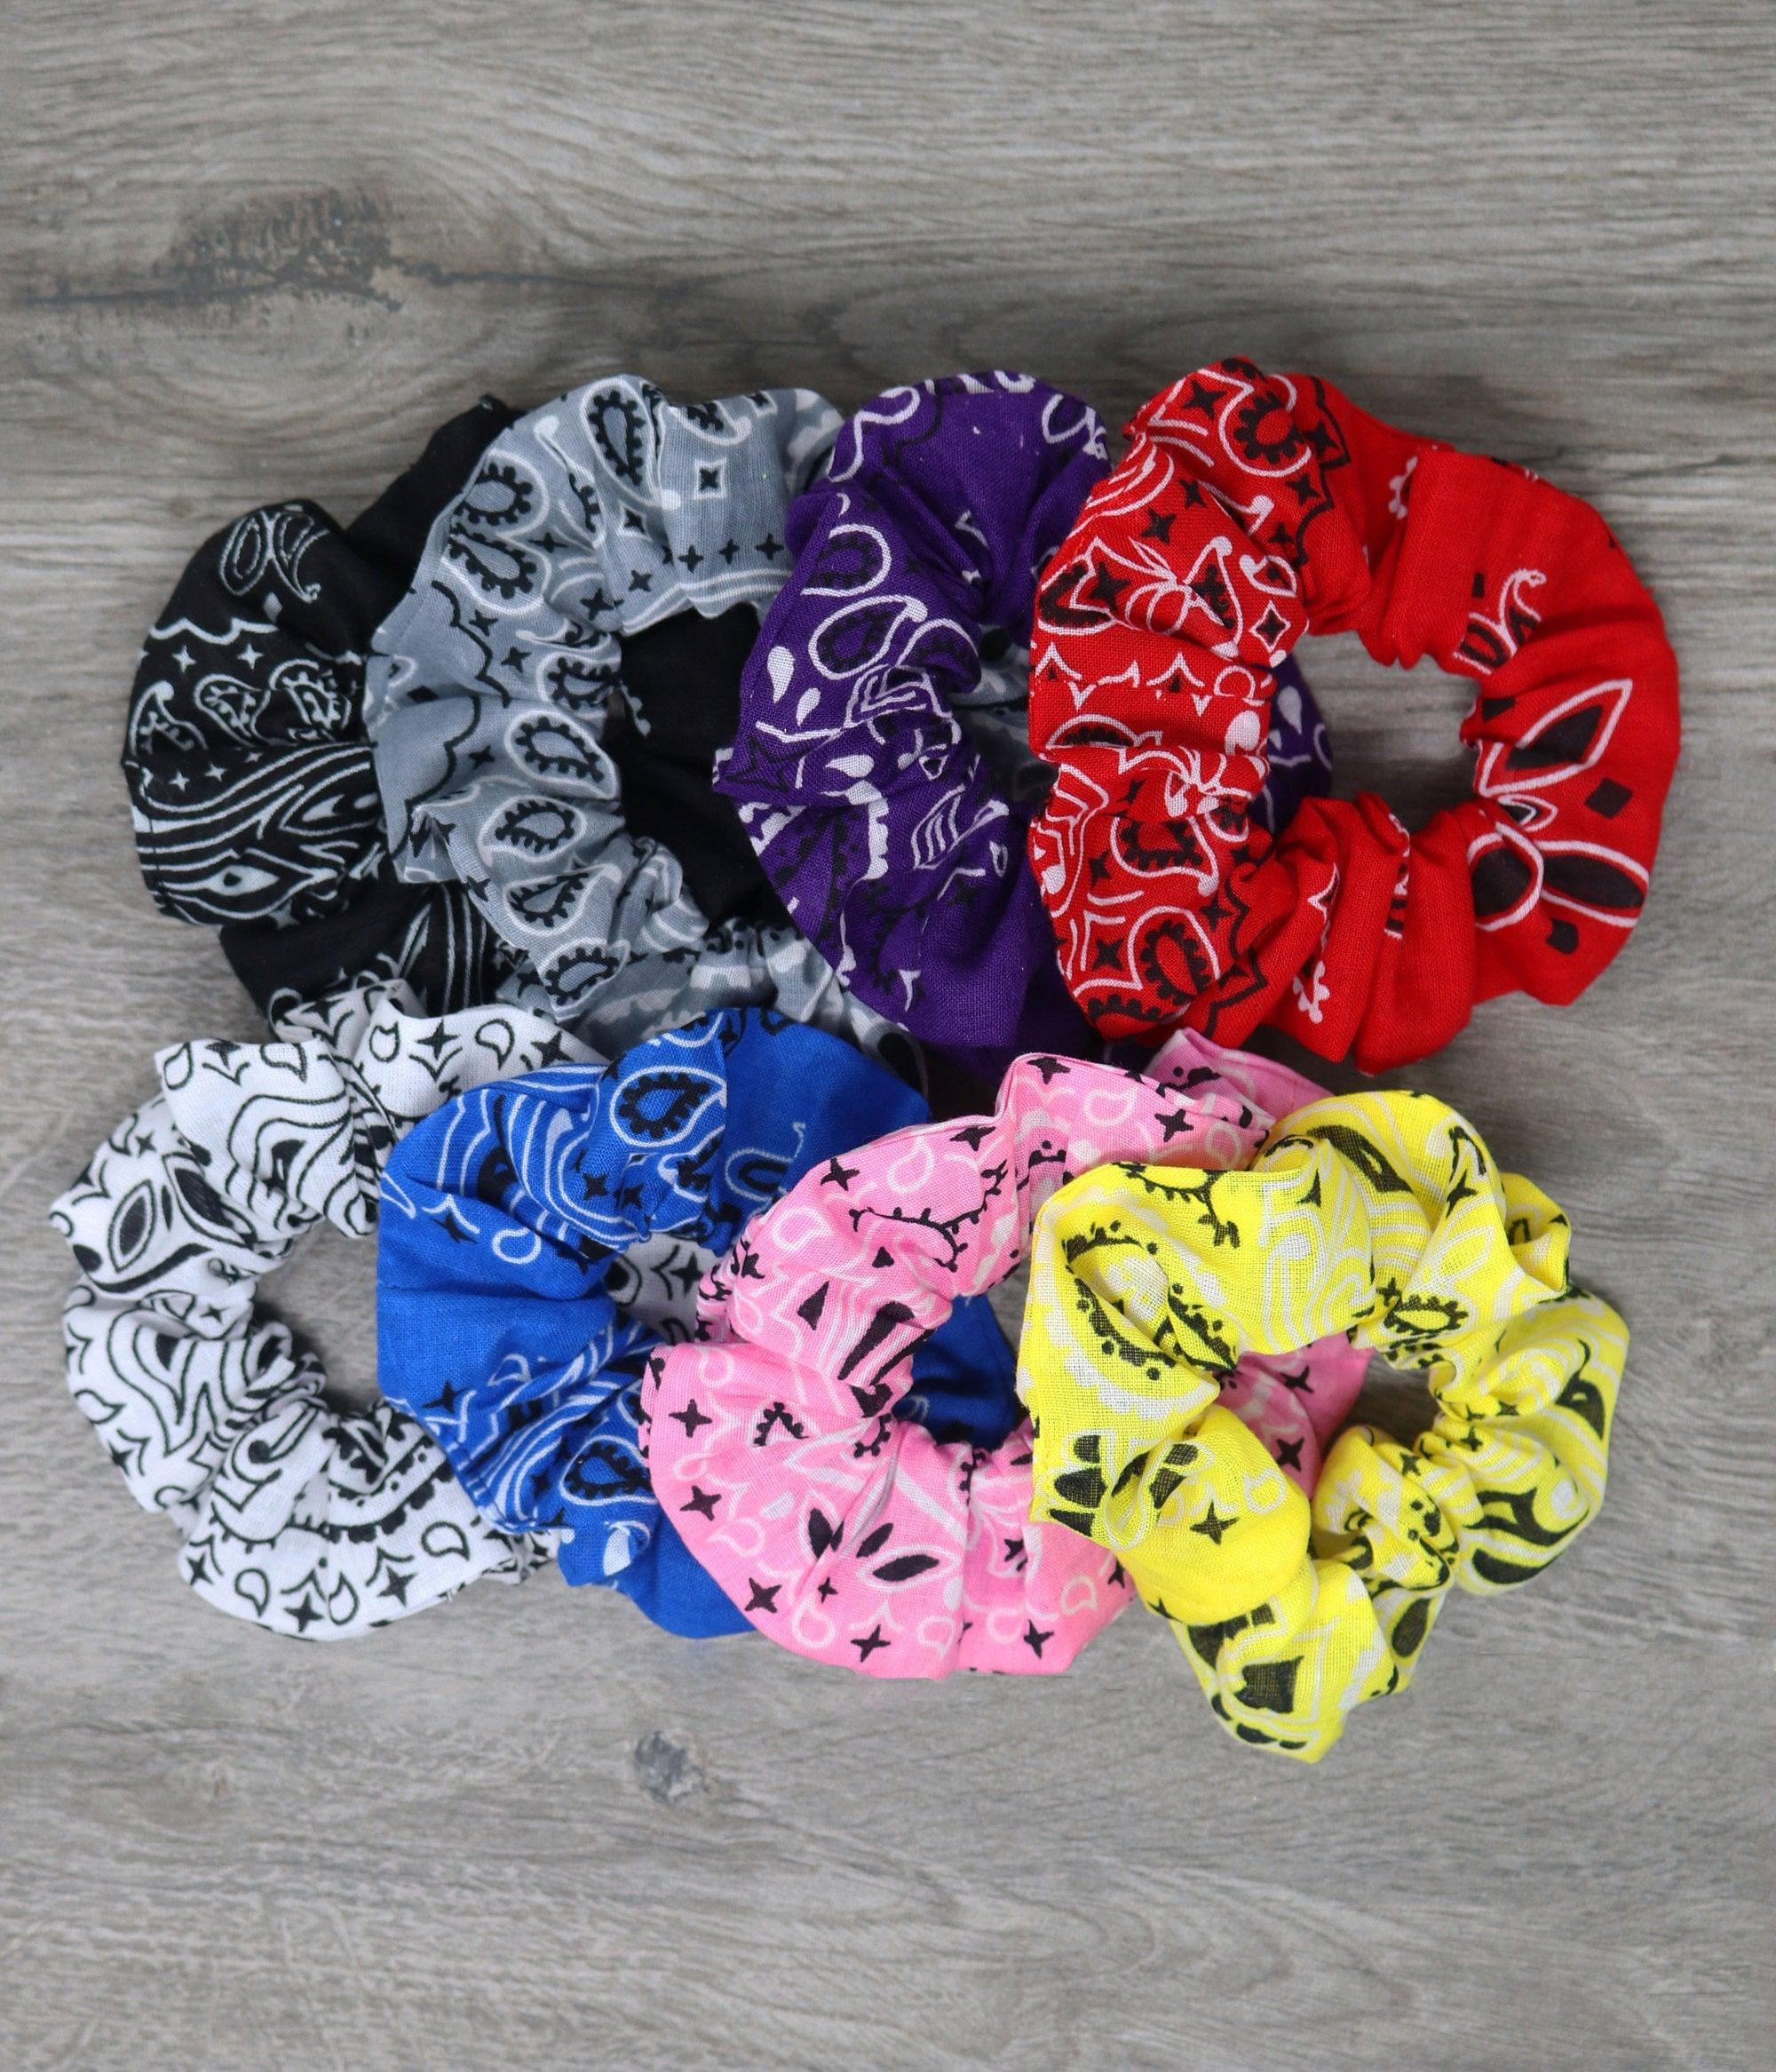 90s Hair Scrunchies June Trio Top Knot Scrunchies June Hair Tie